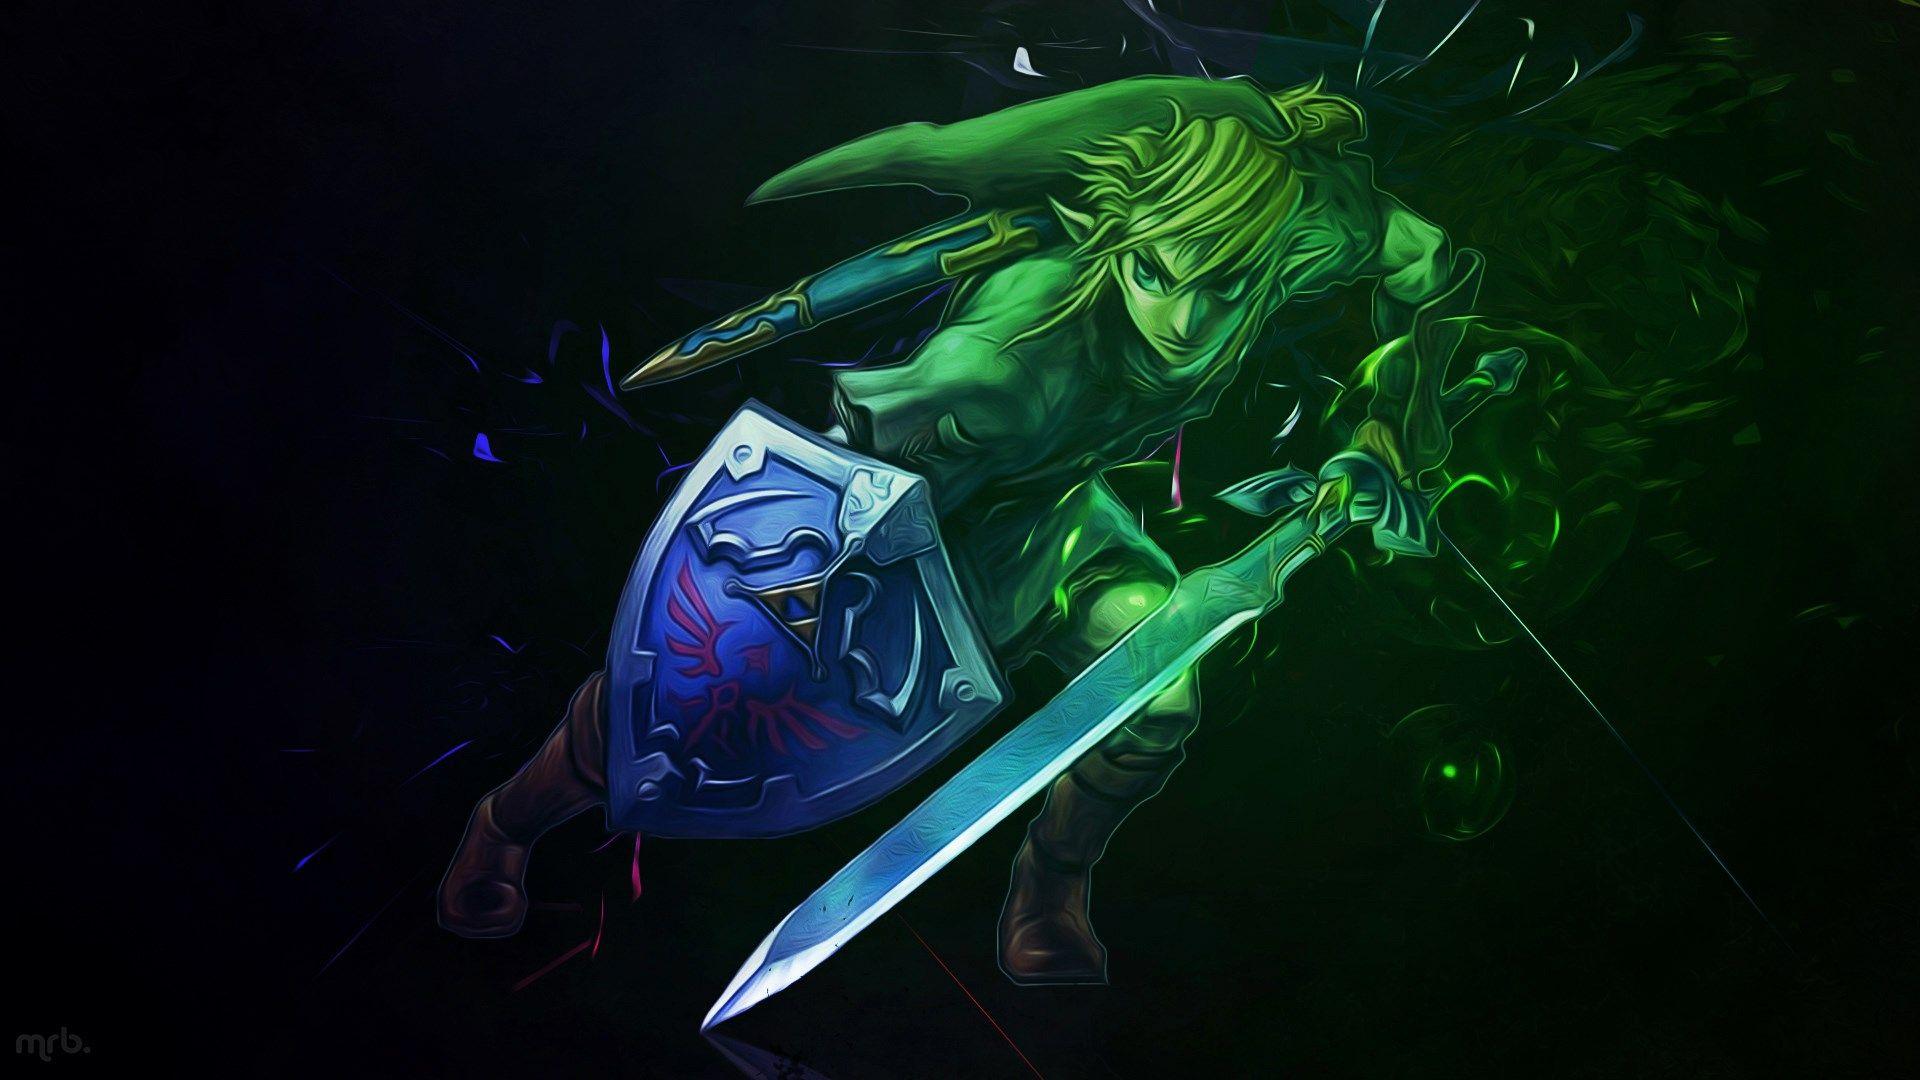 Hdq Images The Legend Of Zelda Hd Wallpaper Legend Of Zelda Zelda Hd